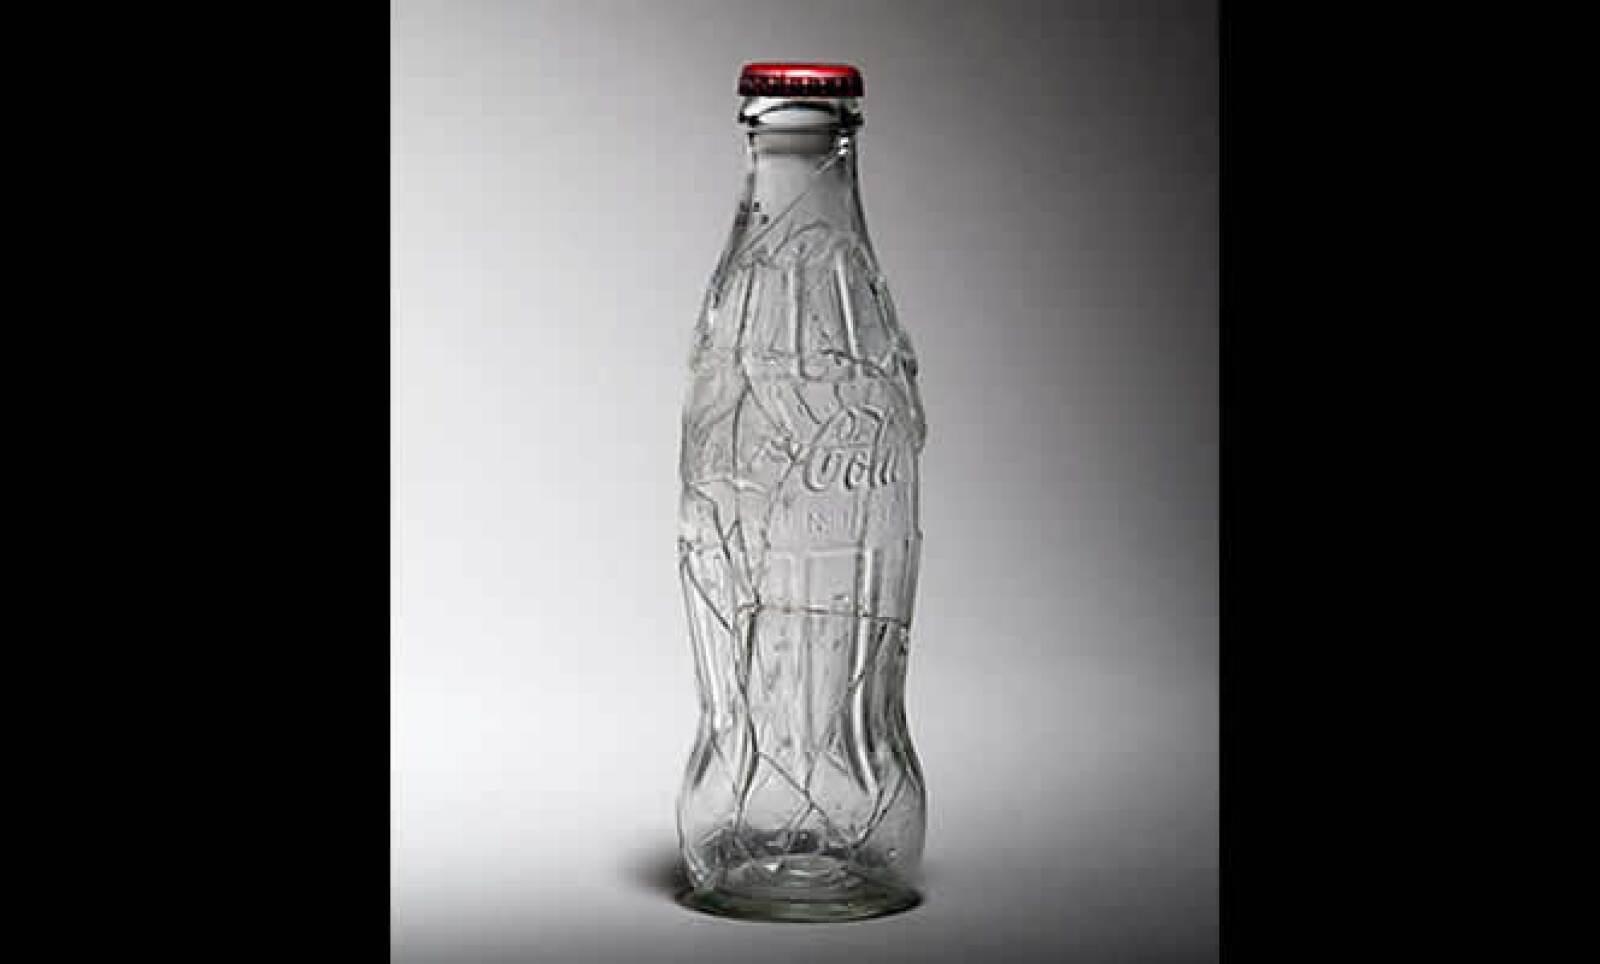 Diego Teo hace esta propuesta que asemeja a una botella de vidrio, con medidas de 20 x 6 cm y que forma parte de la Colección FEMSA, gracias a una donación hecha por el mismo artista..